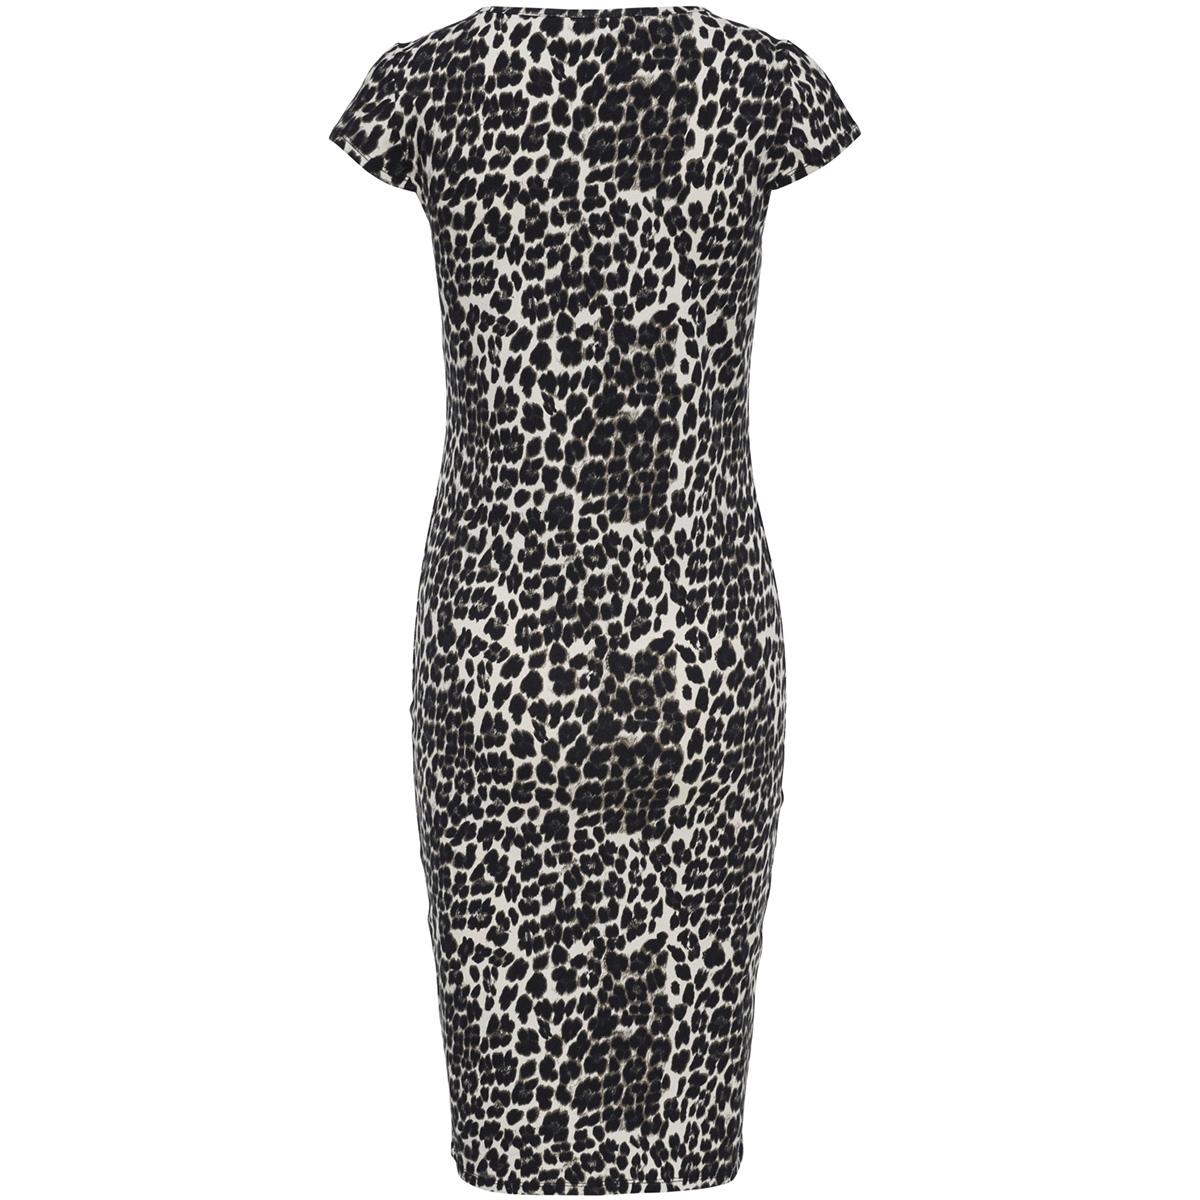 onlmallika capsleeve leo dress jrs 15169803 only jurk black/leo